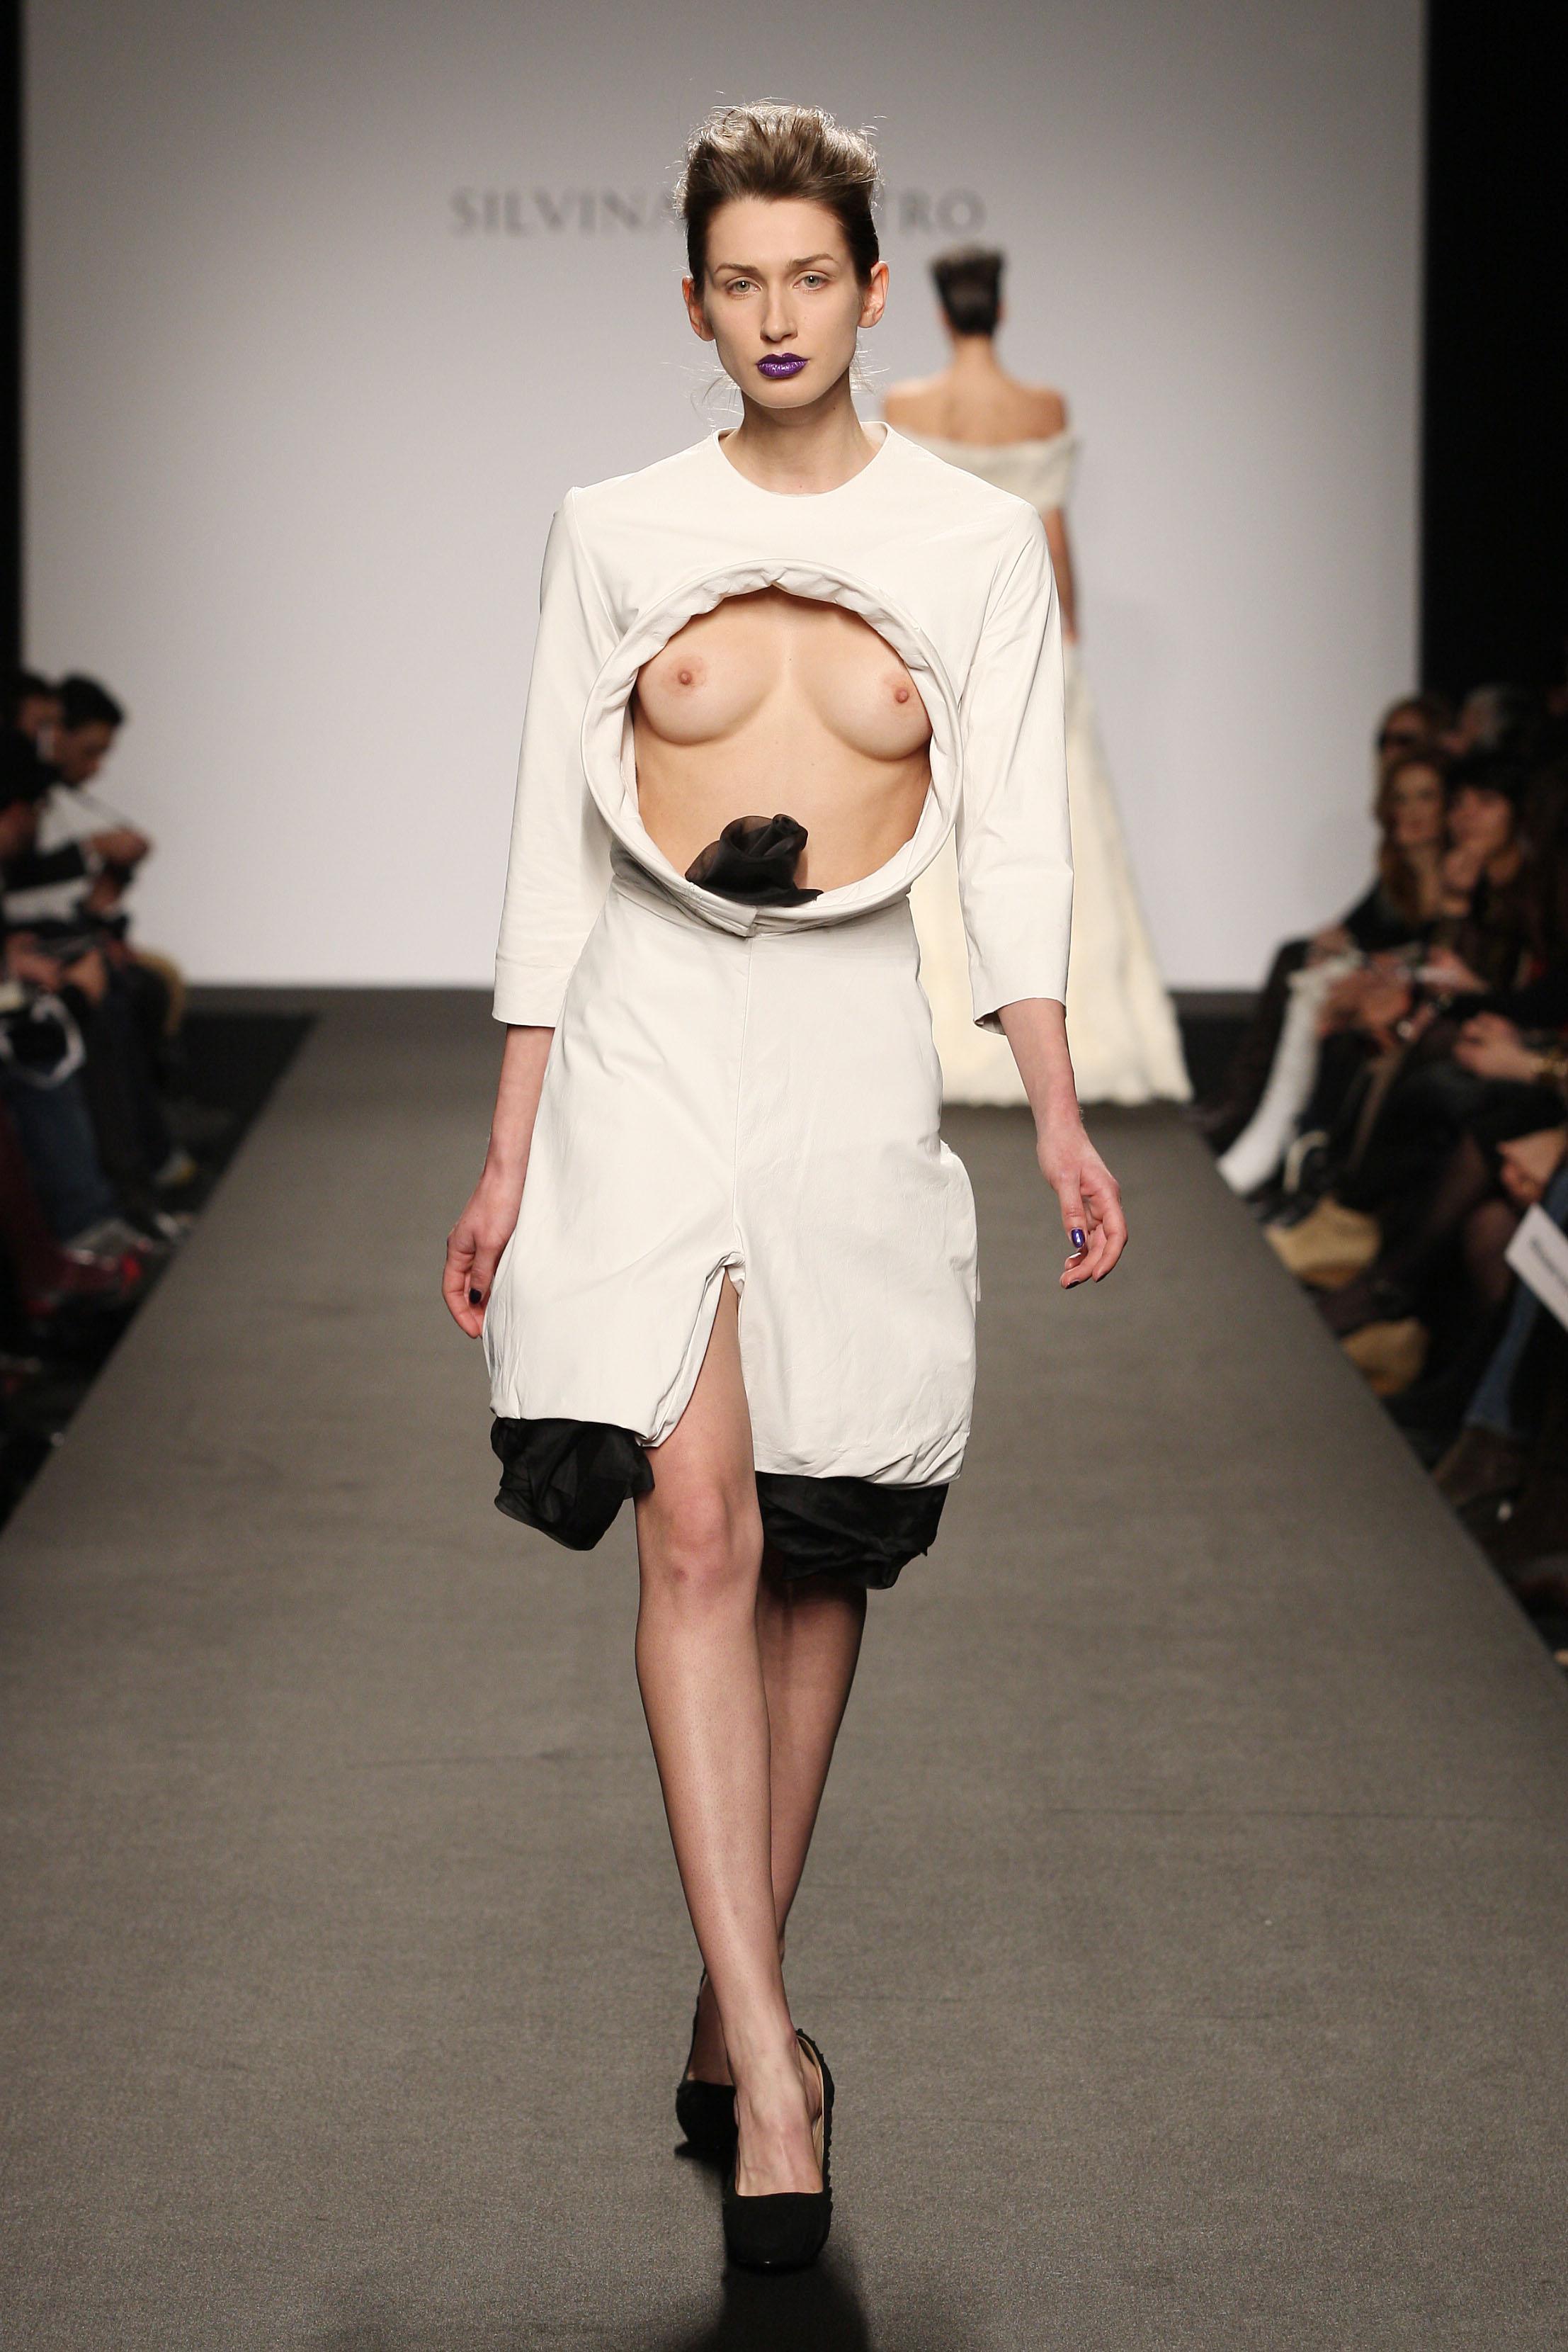 モデルの乳首やおっぱいがポロリのファッション …